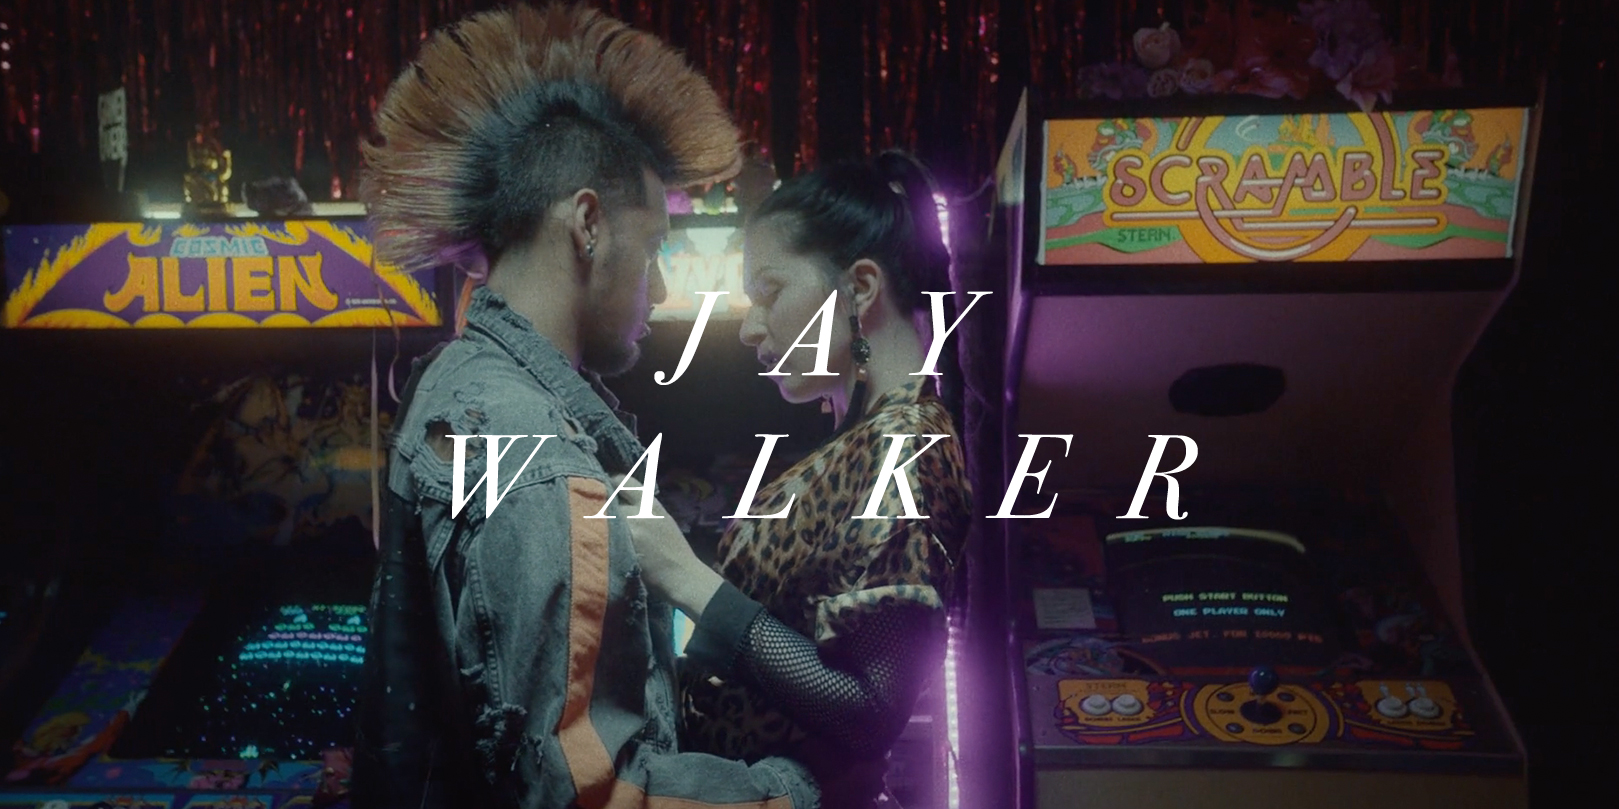 MATCH_CAROUSEL-JayWalker-01.jpg